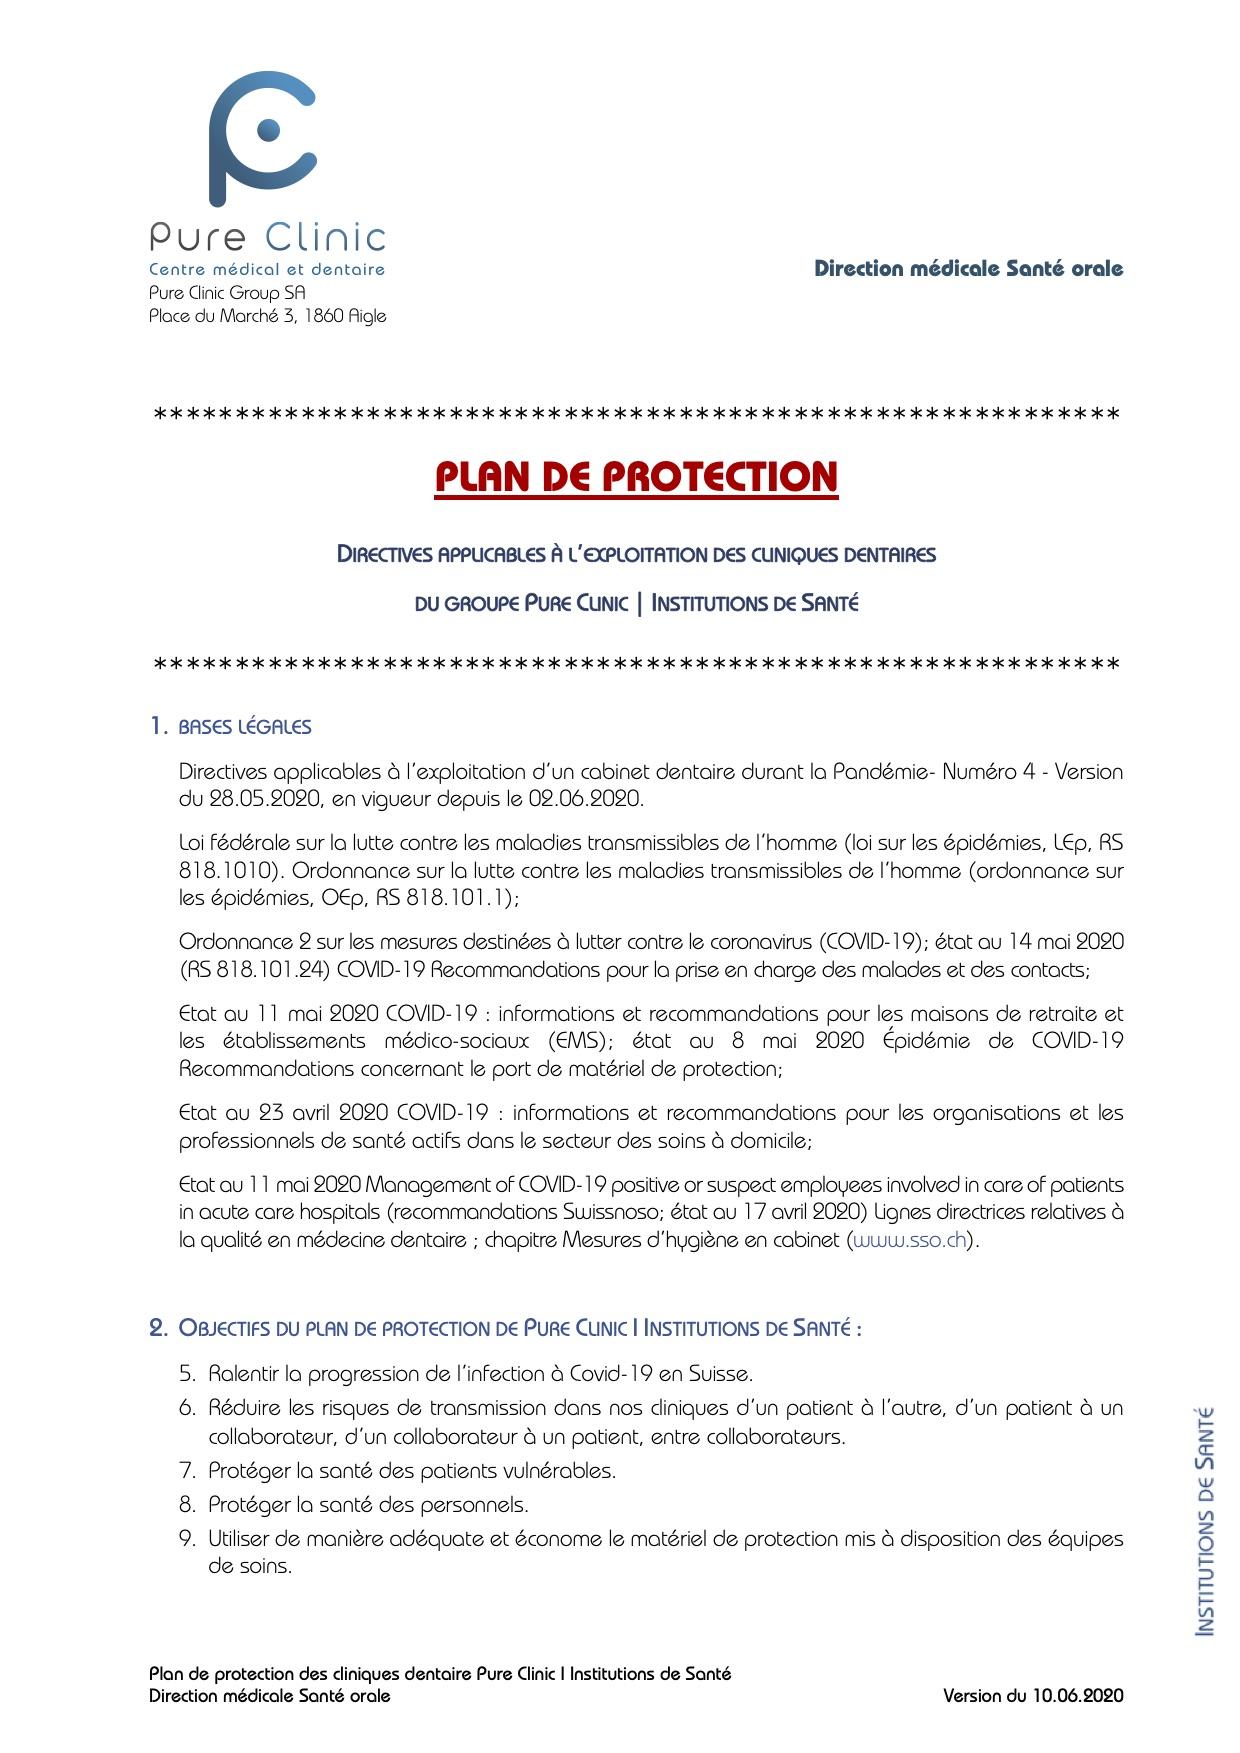 Plan de protection - santé orale_11-06-2020_image